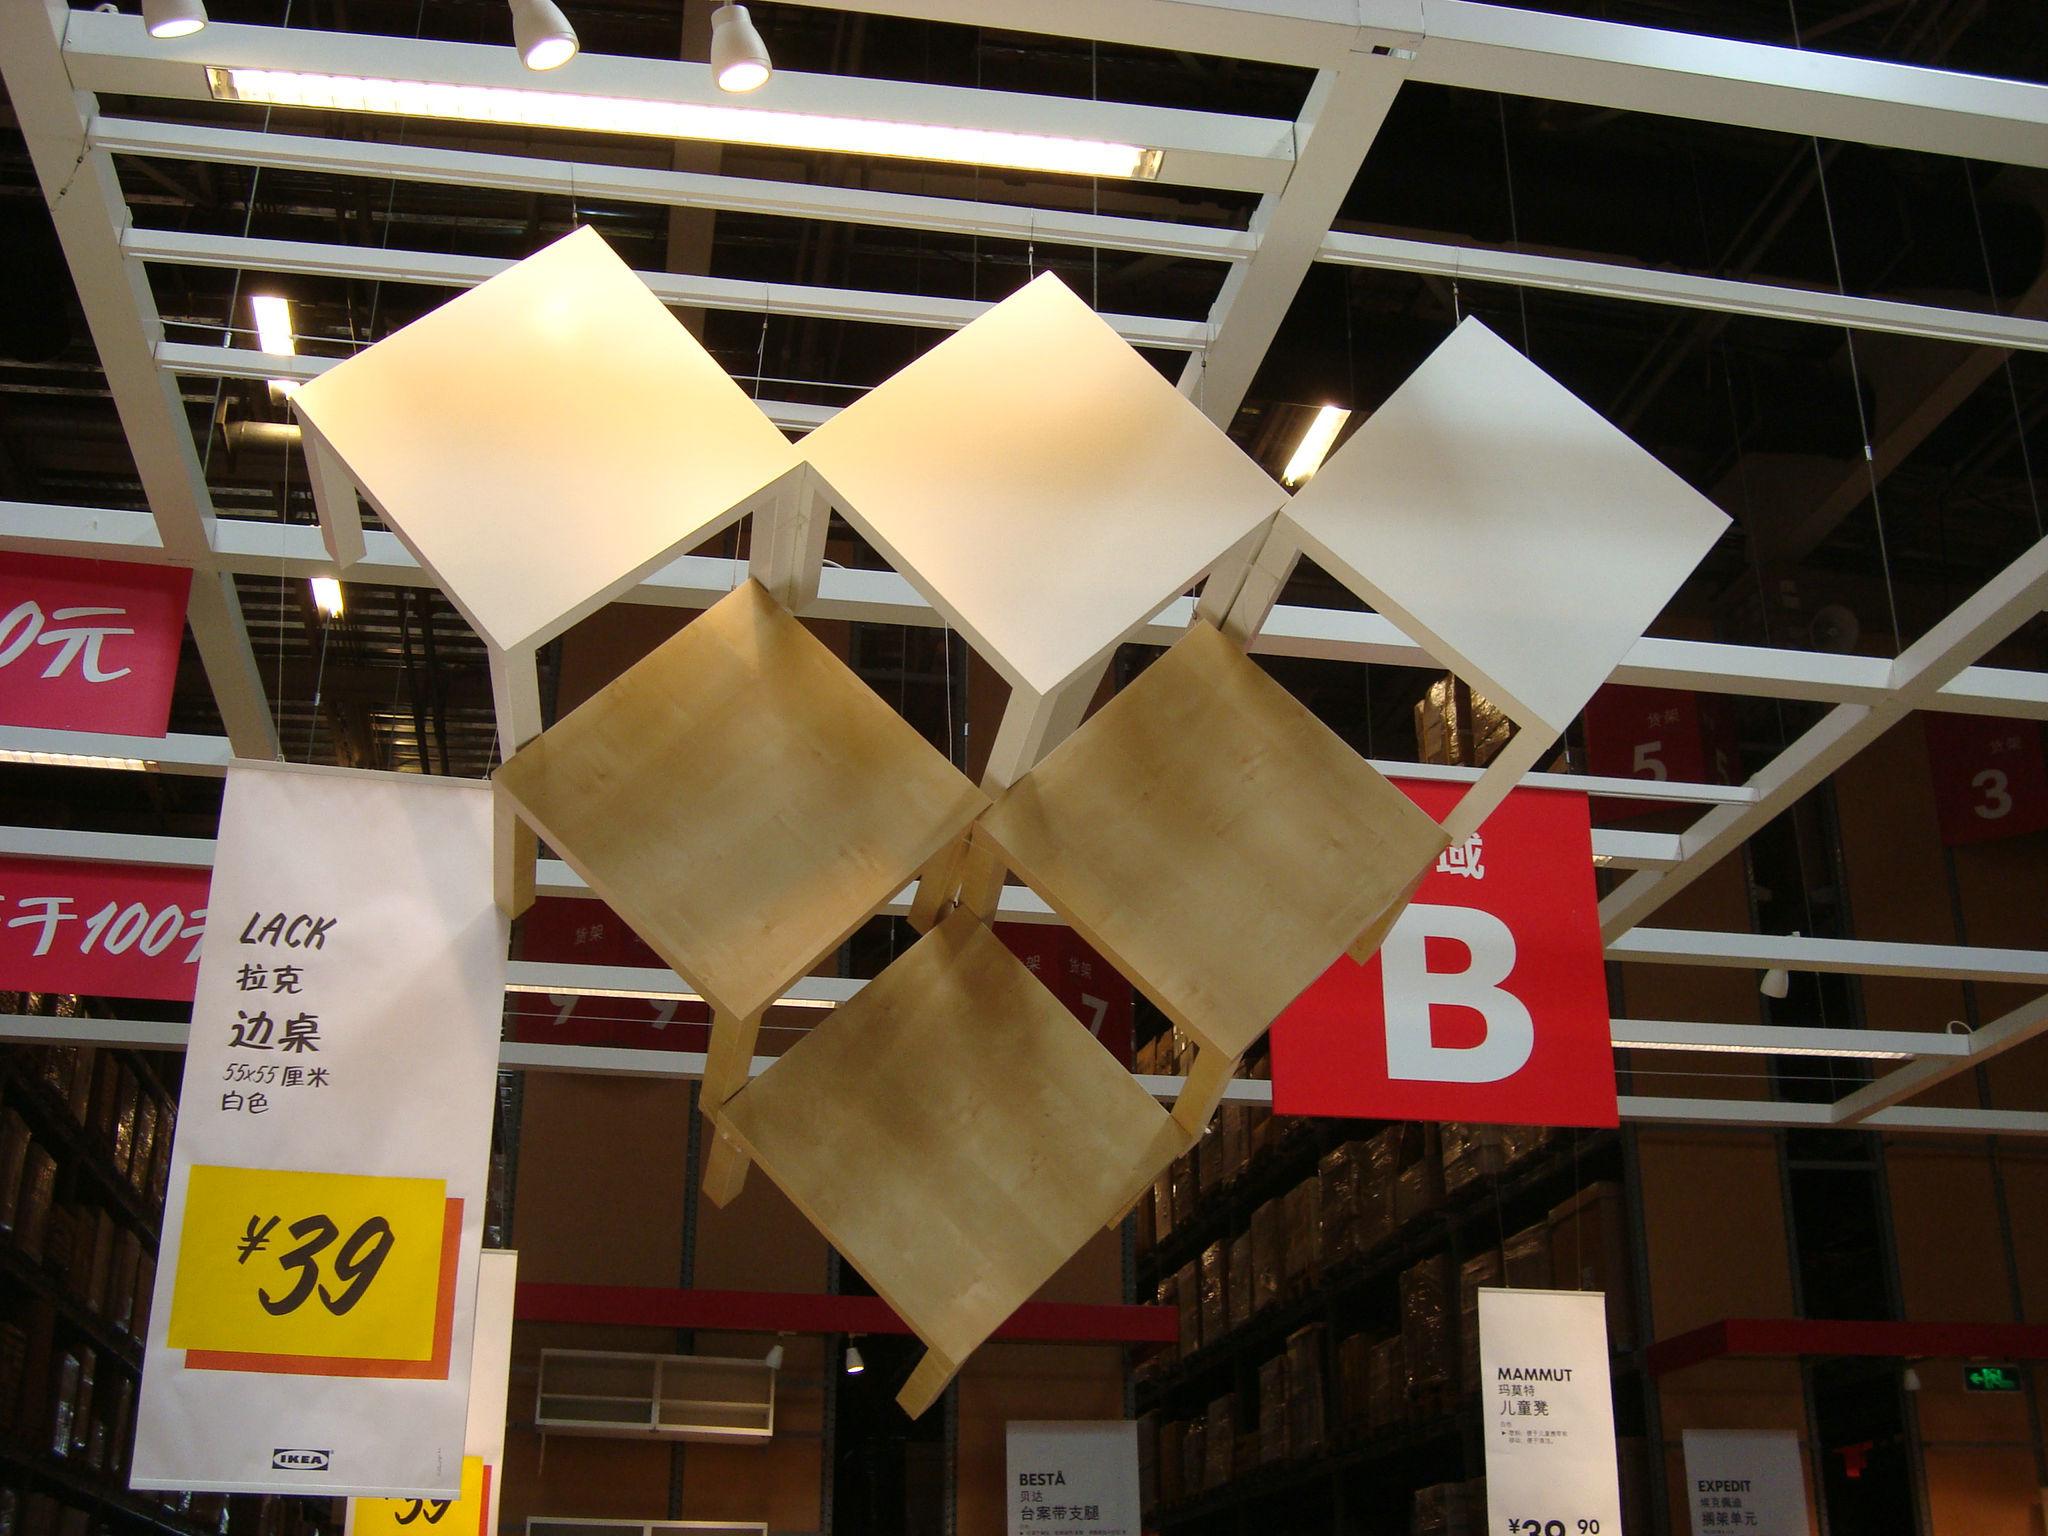 Тумбочка Расстройство Цена покупки IKEA столик всей сети должна быть небольшой стол прикроватный IKEA таблицы специальное предложение